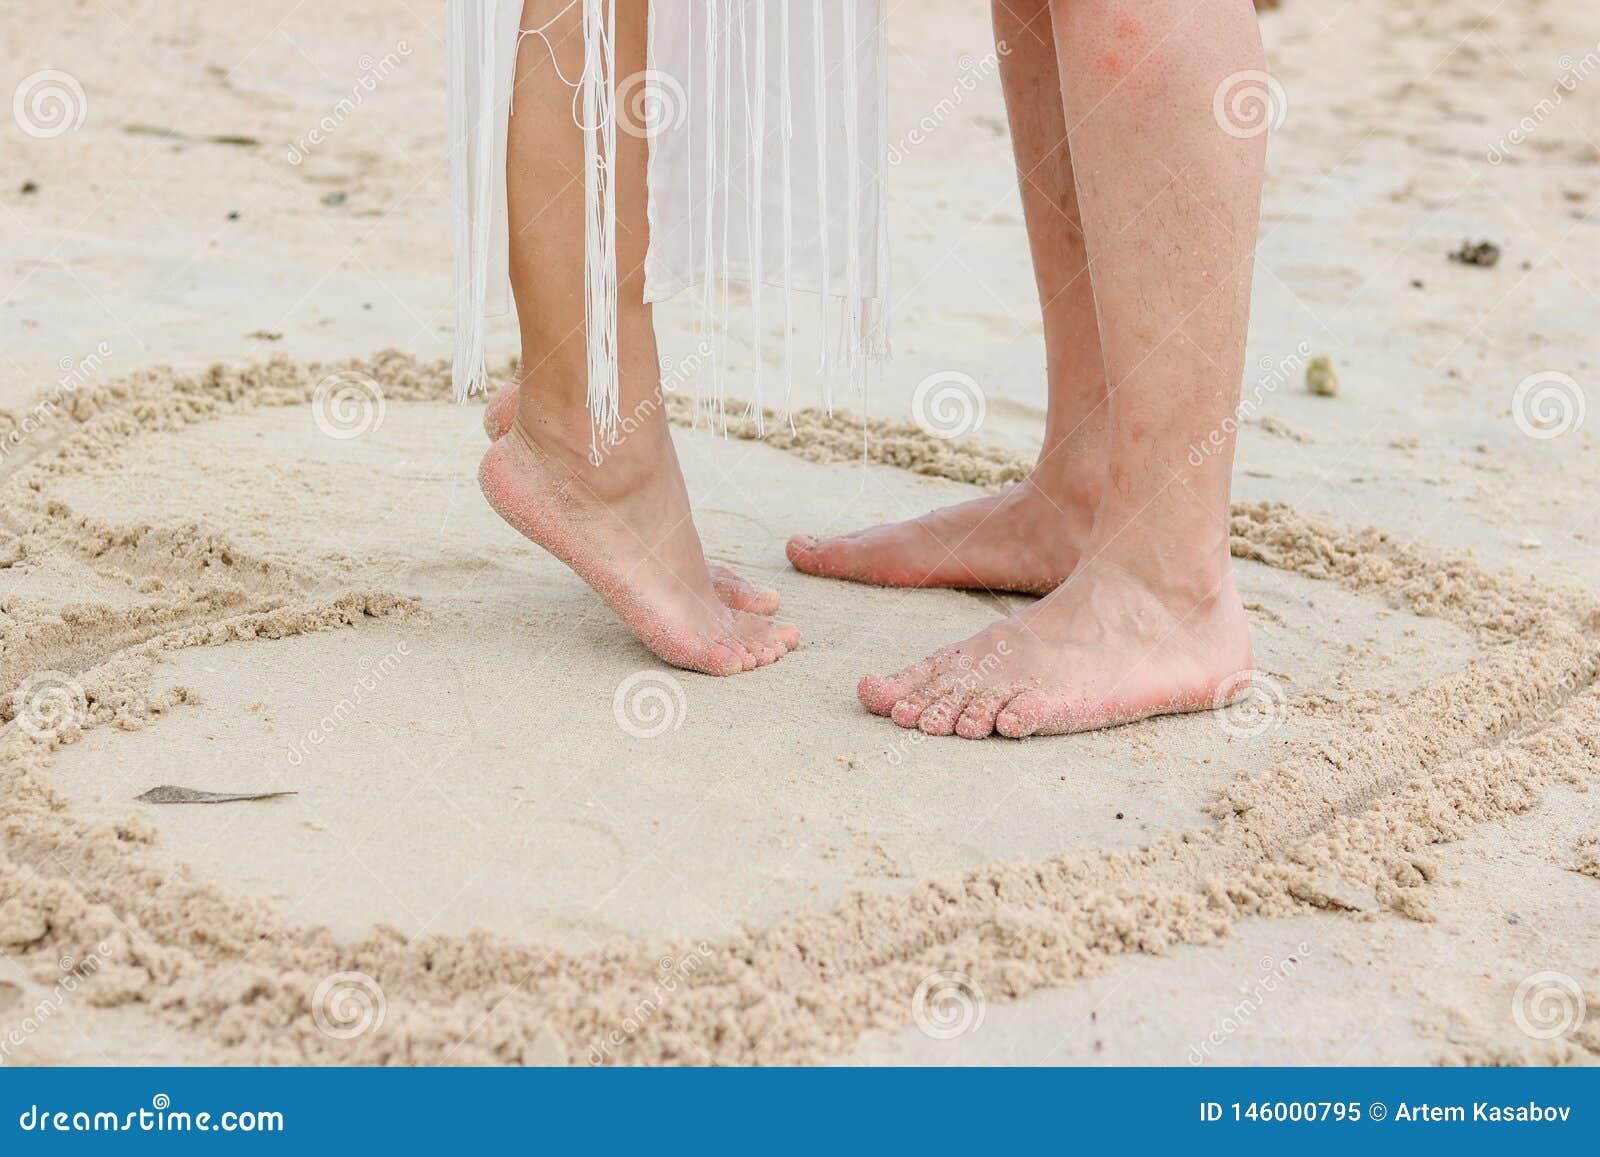 Feet of couple on the beach